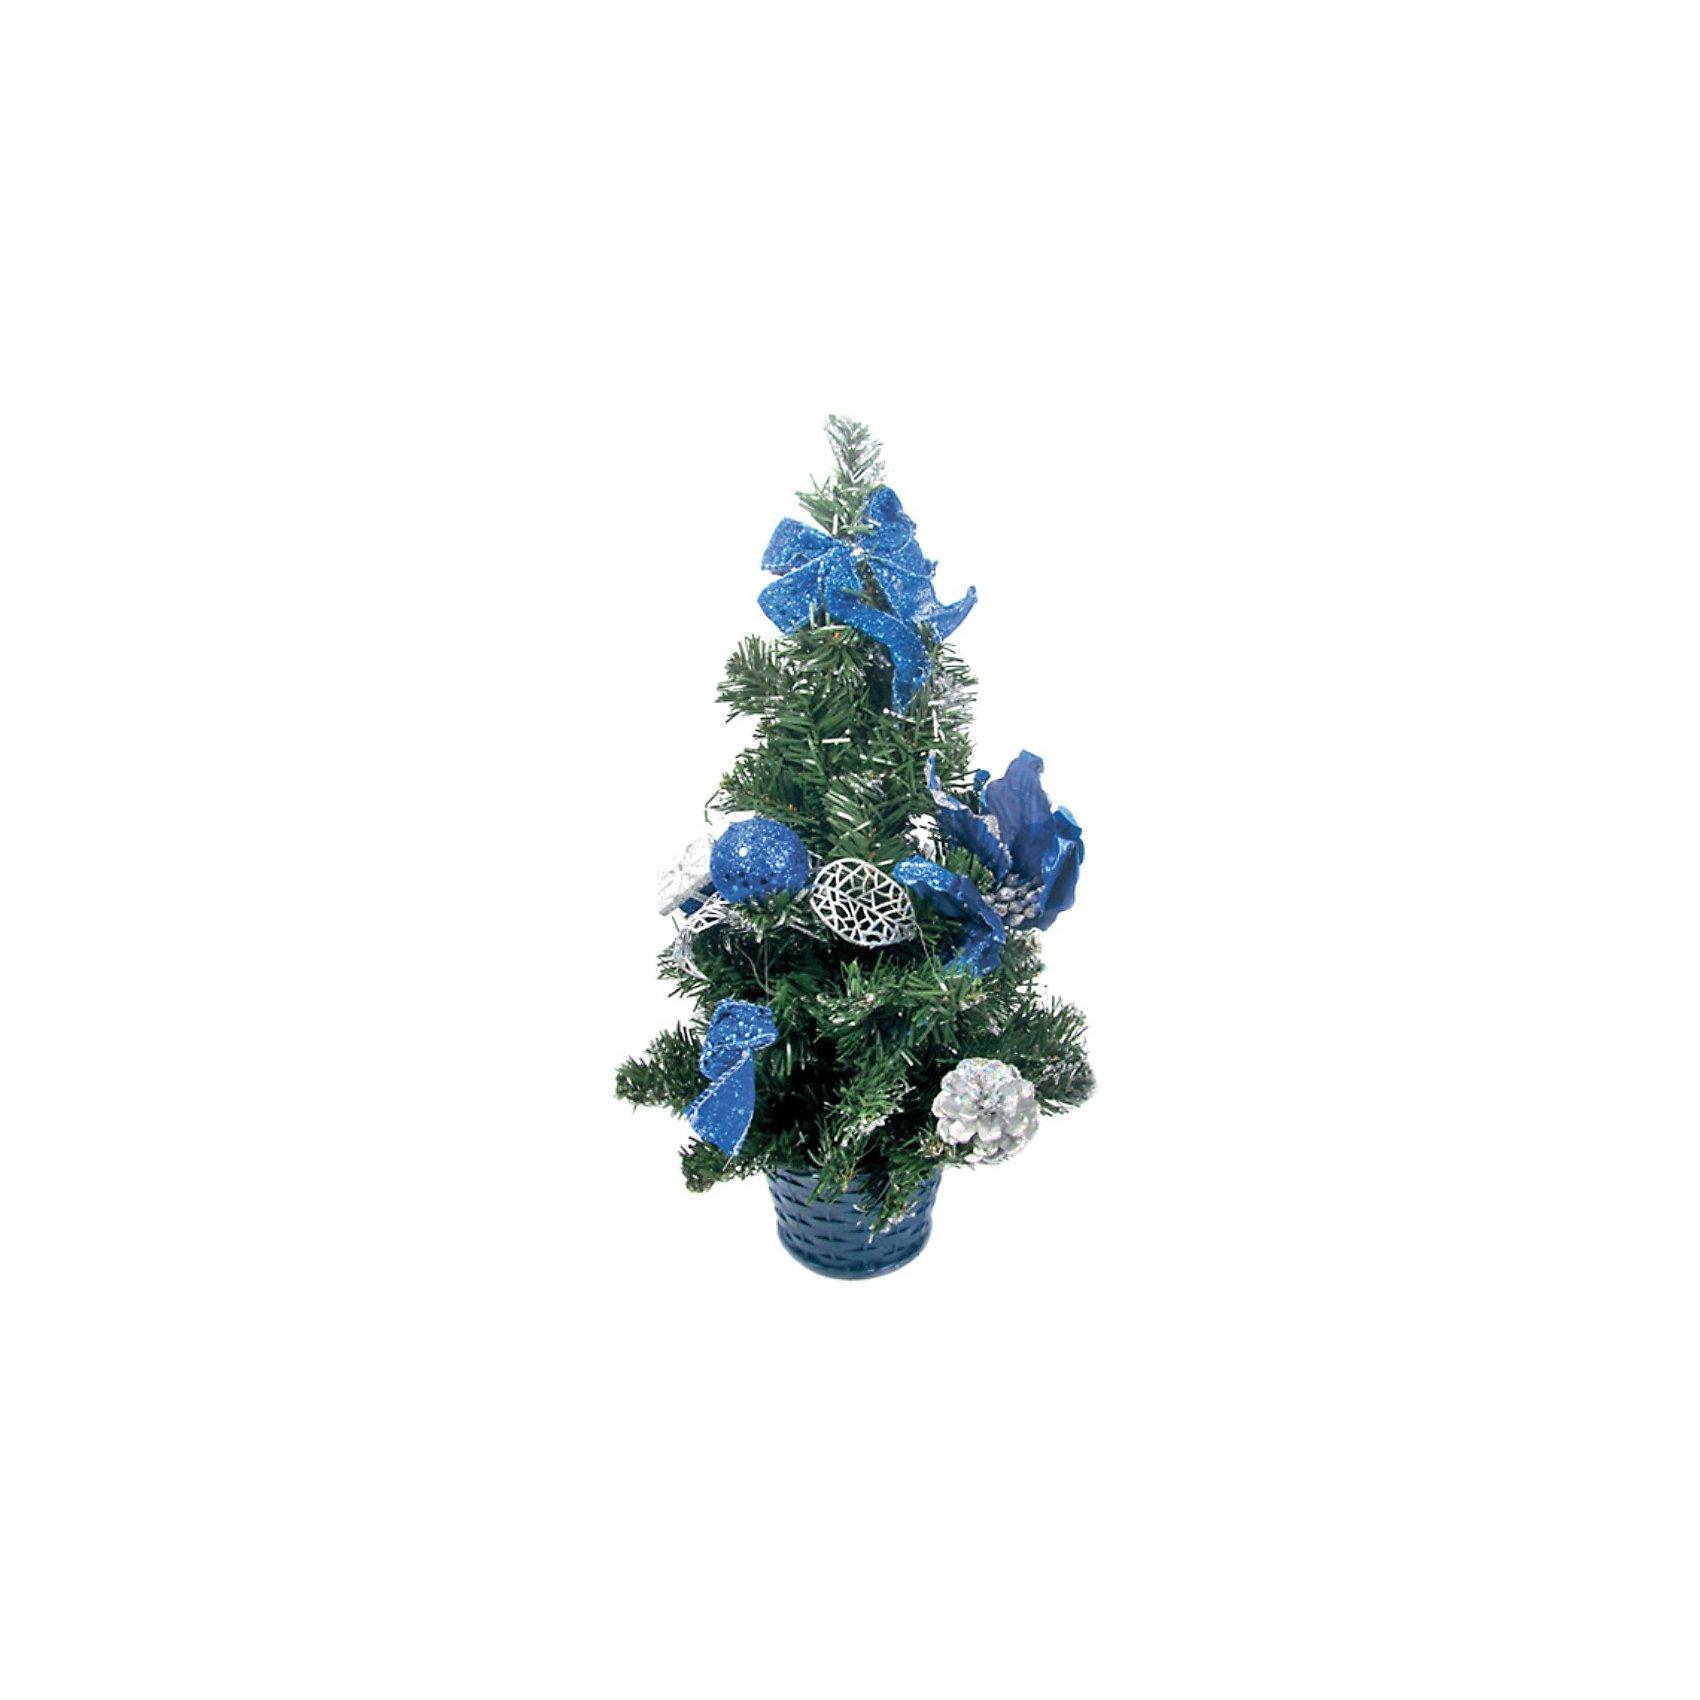 Елка декоративная с синими украшениями, 40 см., TUKZARВсё для праздника<br>Елка декоративная с синими украшениями, 40 см.<br>Эта ёлка отлично подойдет для тех, кто ищет альтернативу живым ёлкам. Благодаря компактному размеру ёлку можно поставить в любой комнате. Ёлка украшена красивыми игрушками - бантами, цветами, шариками и шишками. Под такой ёлкой Деду Морозу обязательно захочется оставить желанные подарки!  <br><br>Дополнительная информация:  <br>Высота ёлки: 40 см.<br>Размер упаковки (д/ш/в): 30х20х40 см.<br><br>Ширина мм: 200<br>Глубина мм: 200<br>Высота мм: 400<br>Вес г: 312<br>Возраст от месяцев: 36<br>Возраст до месяцев: 180<br>Пол: Унисекс<br>Возраст: Детский<br>SKU: 2572944